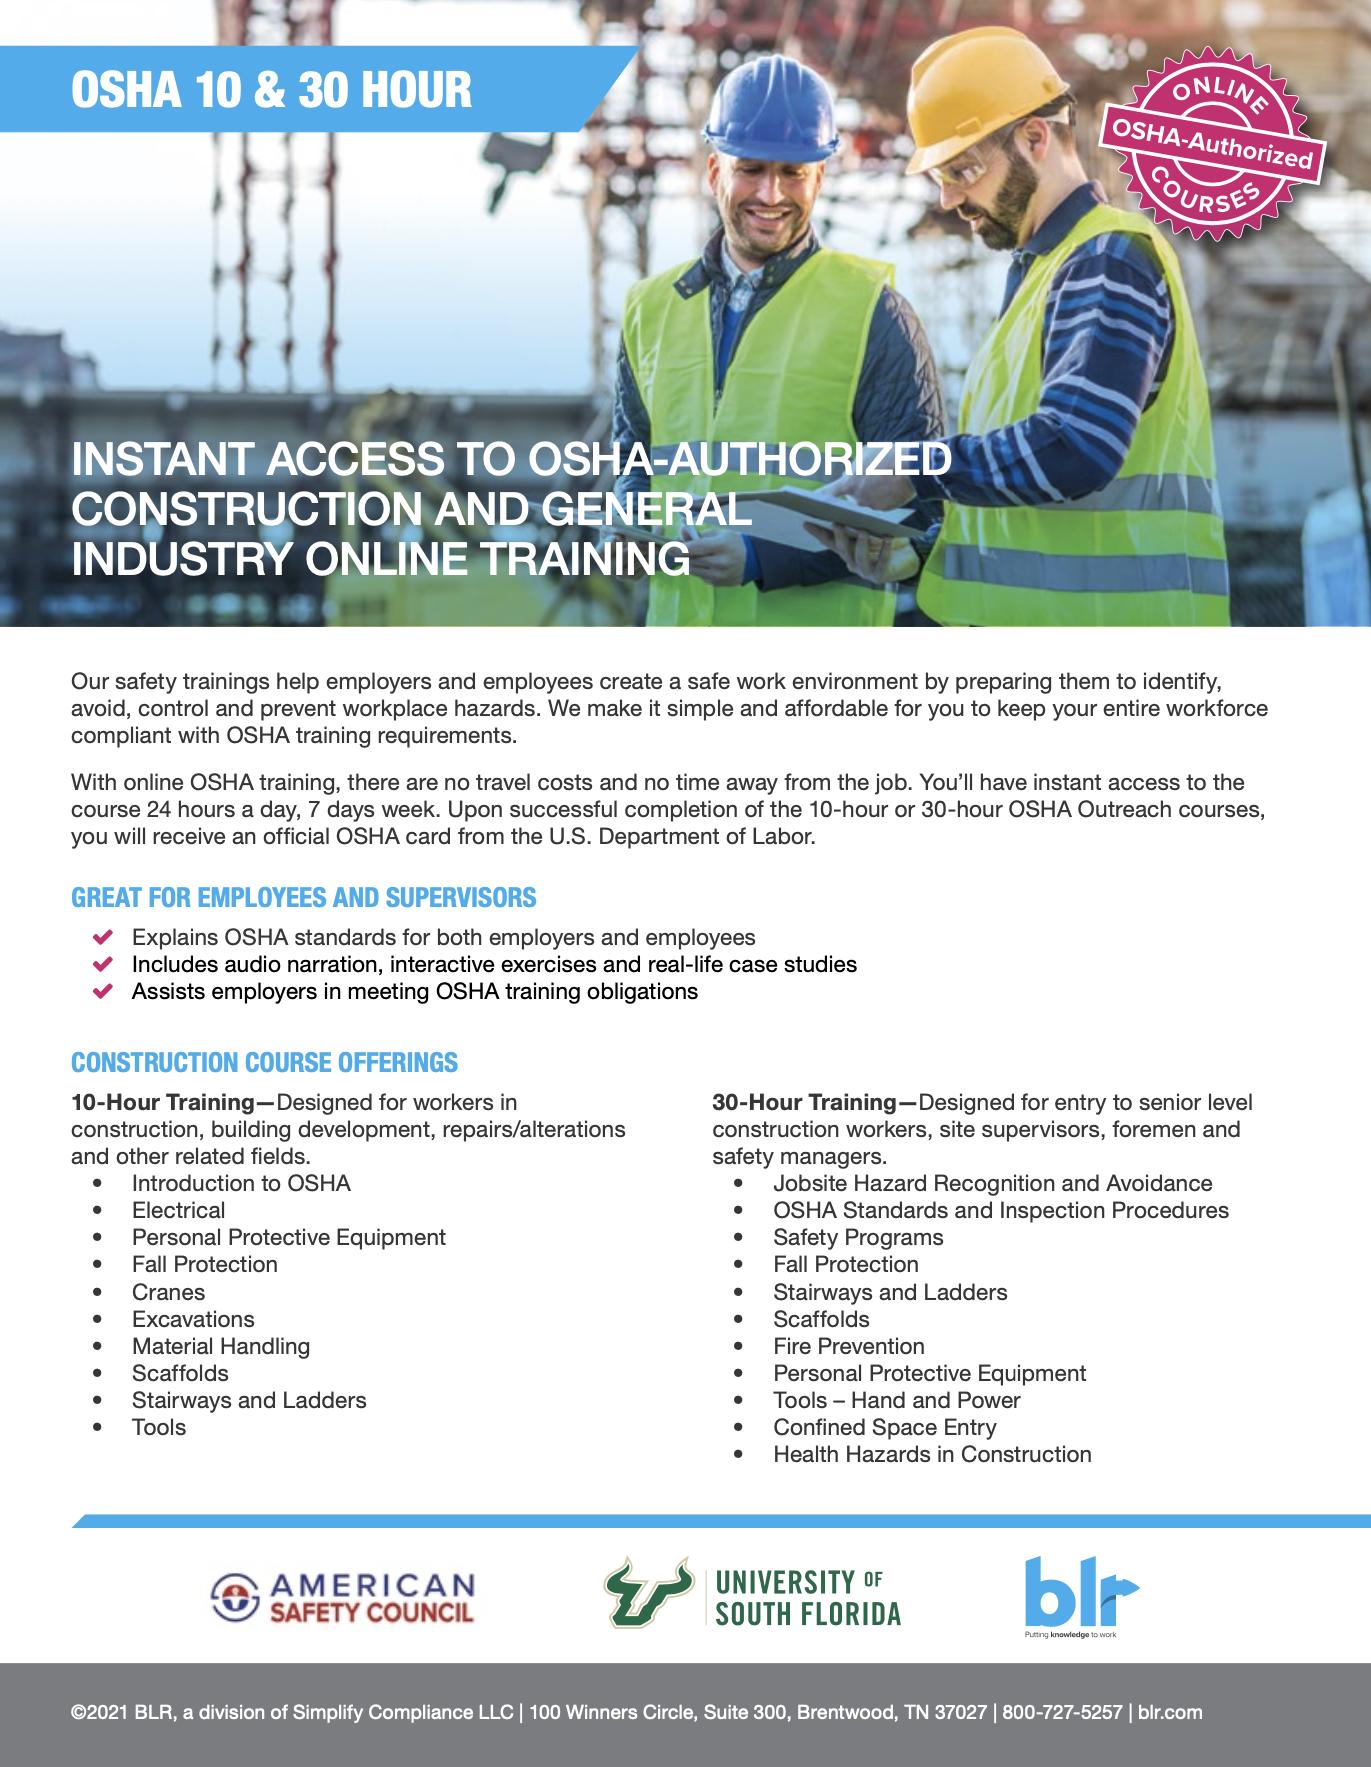 OSHA Authorized Training Flyer